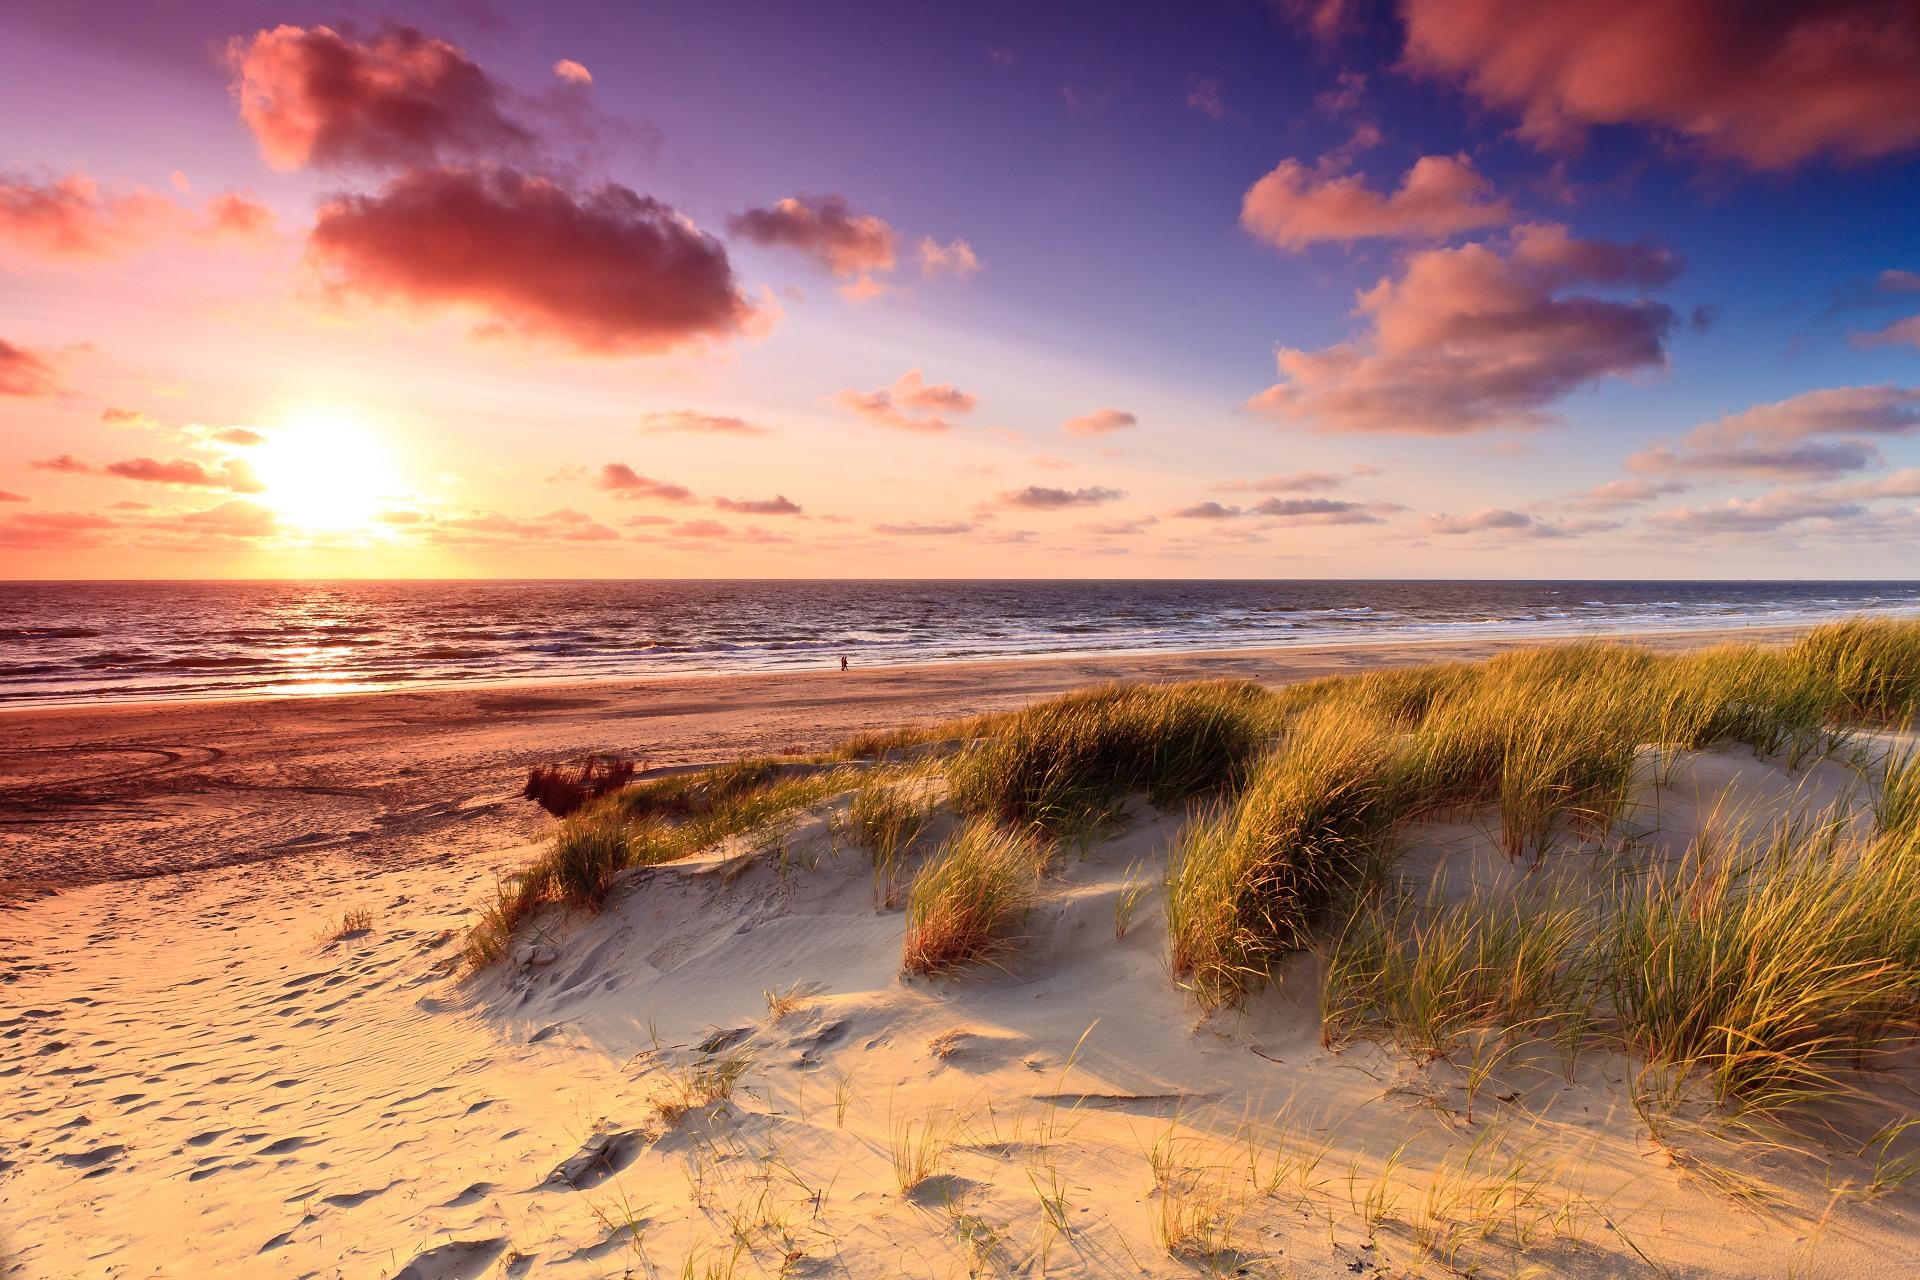 Ferienhaus am strand 1 woche schon ab 479 for Urlaub mit kindern nordsee